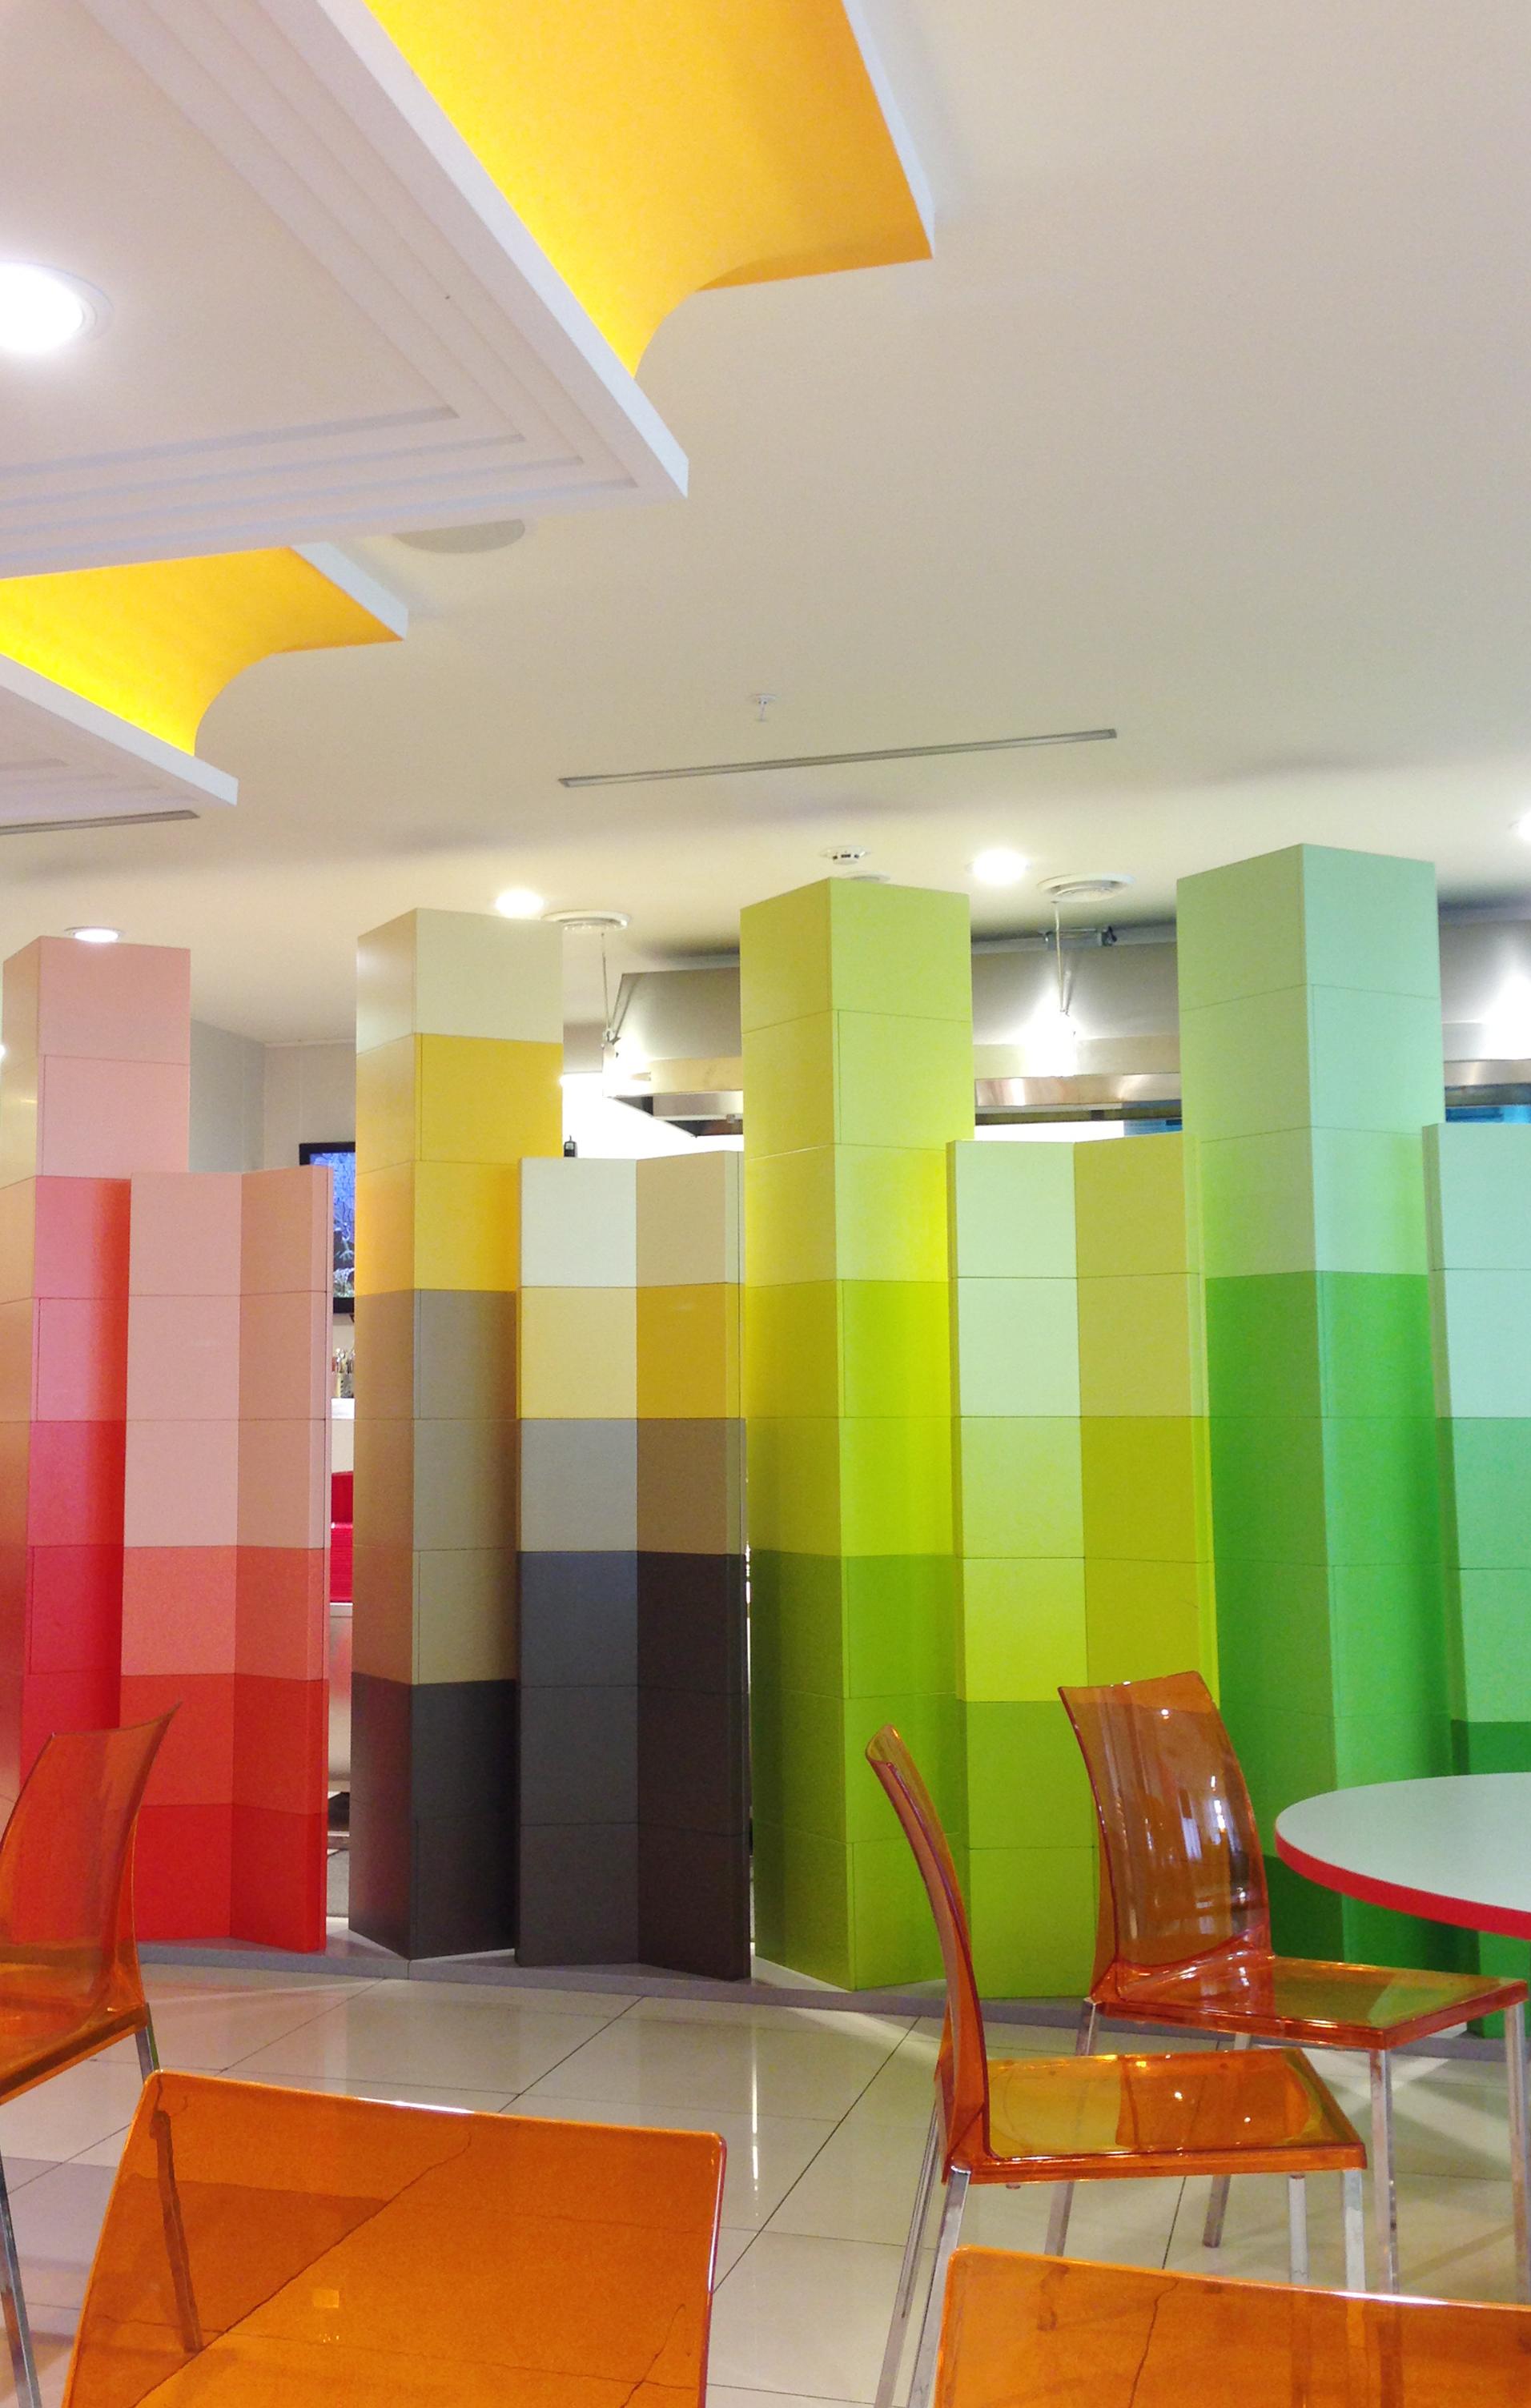 Interior Design: Cafe Interior Design